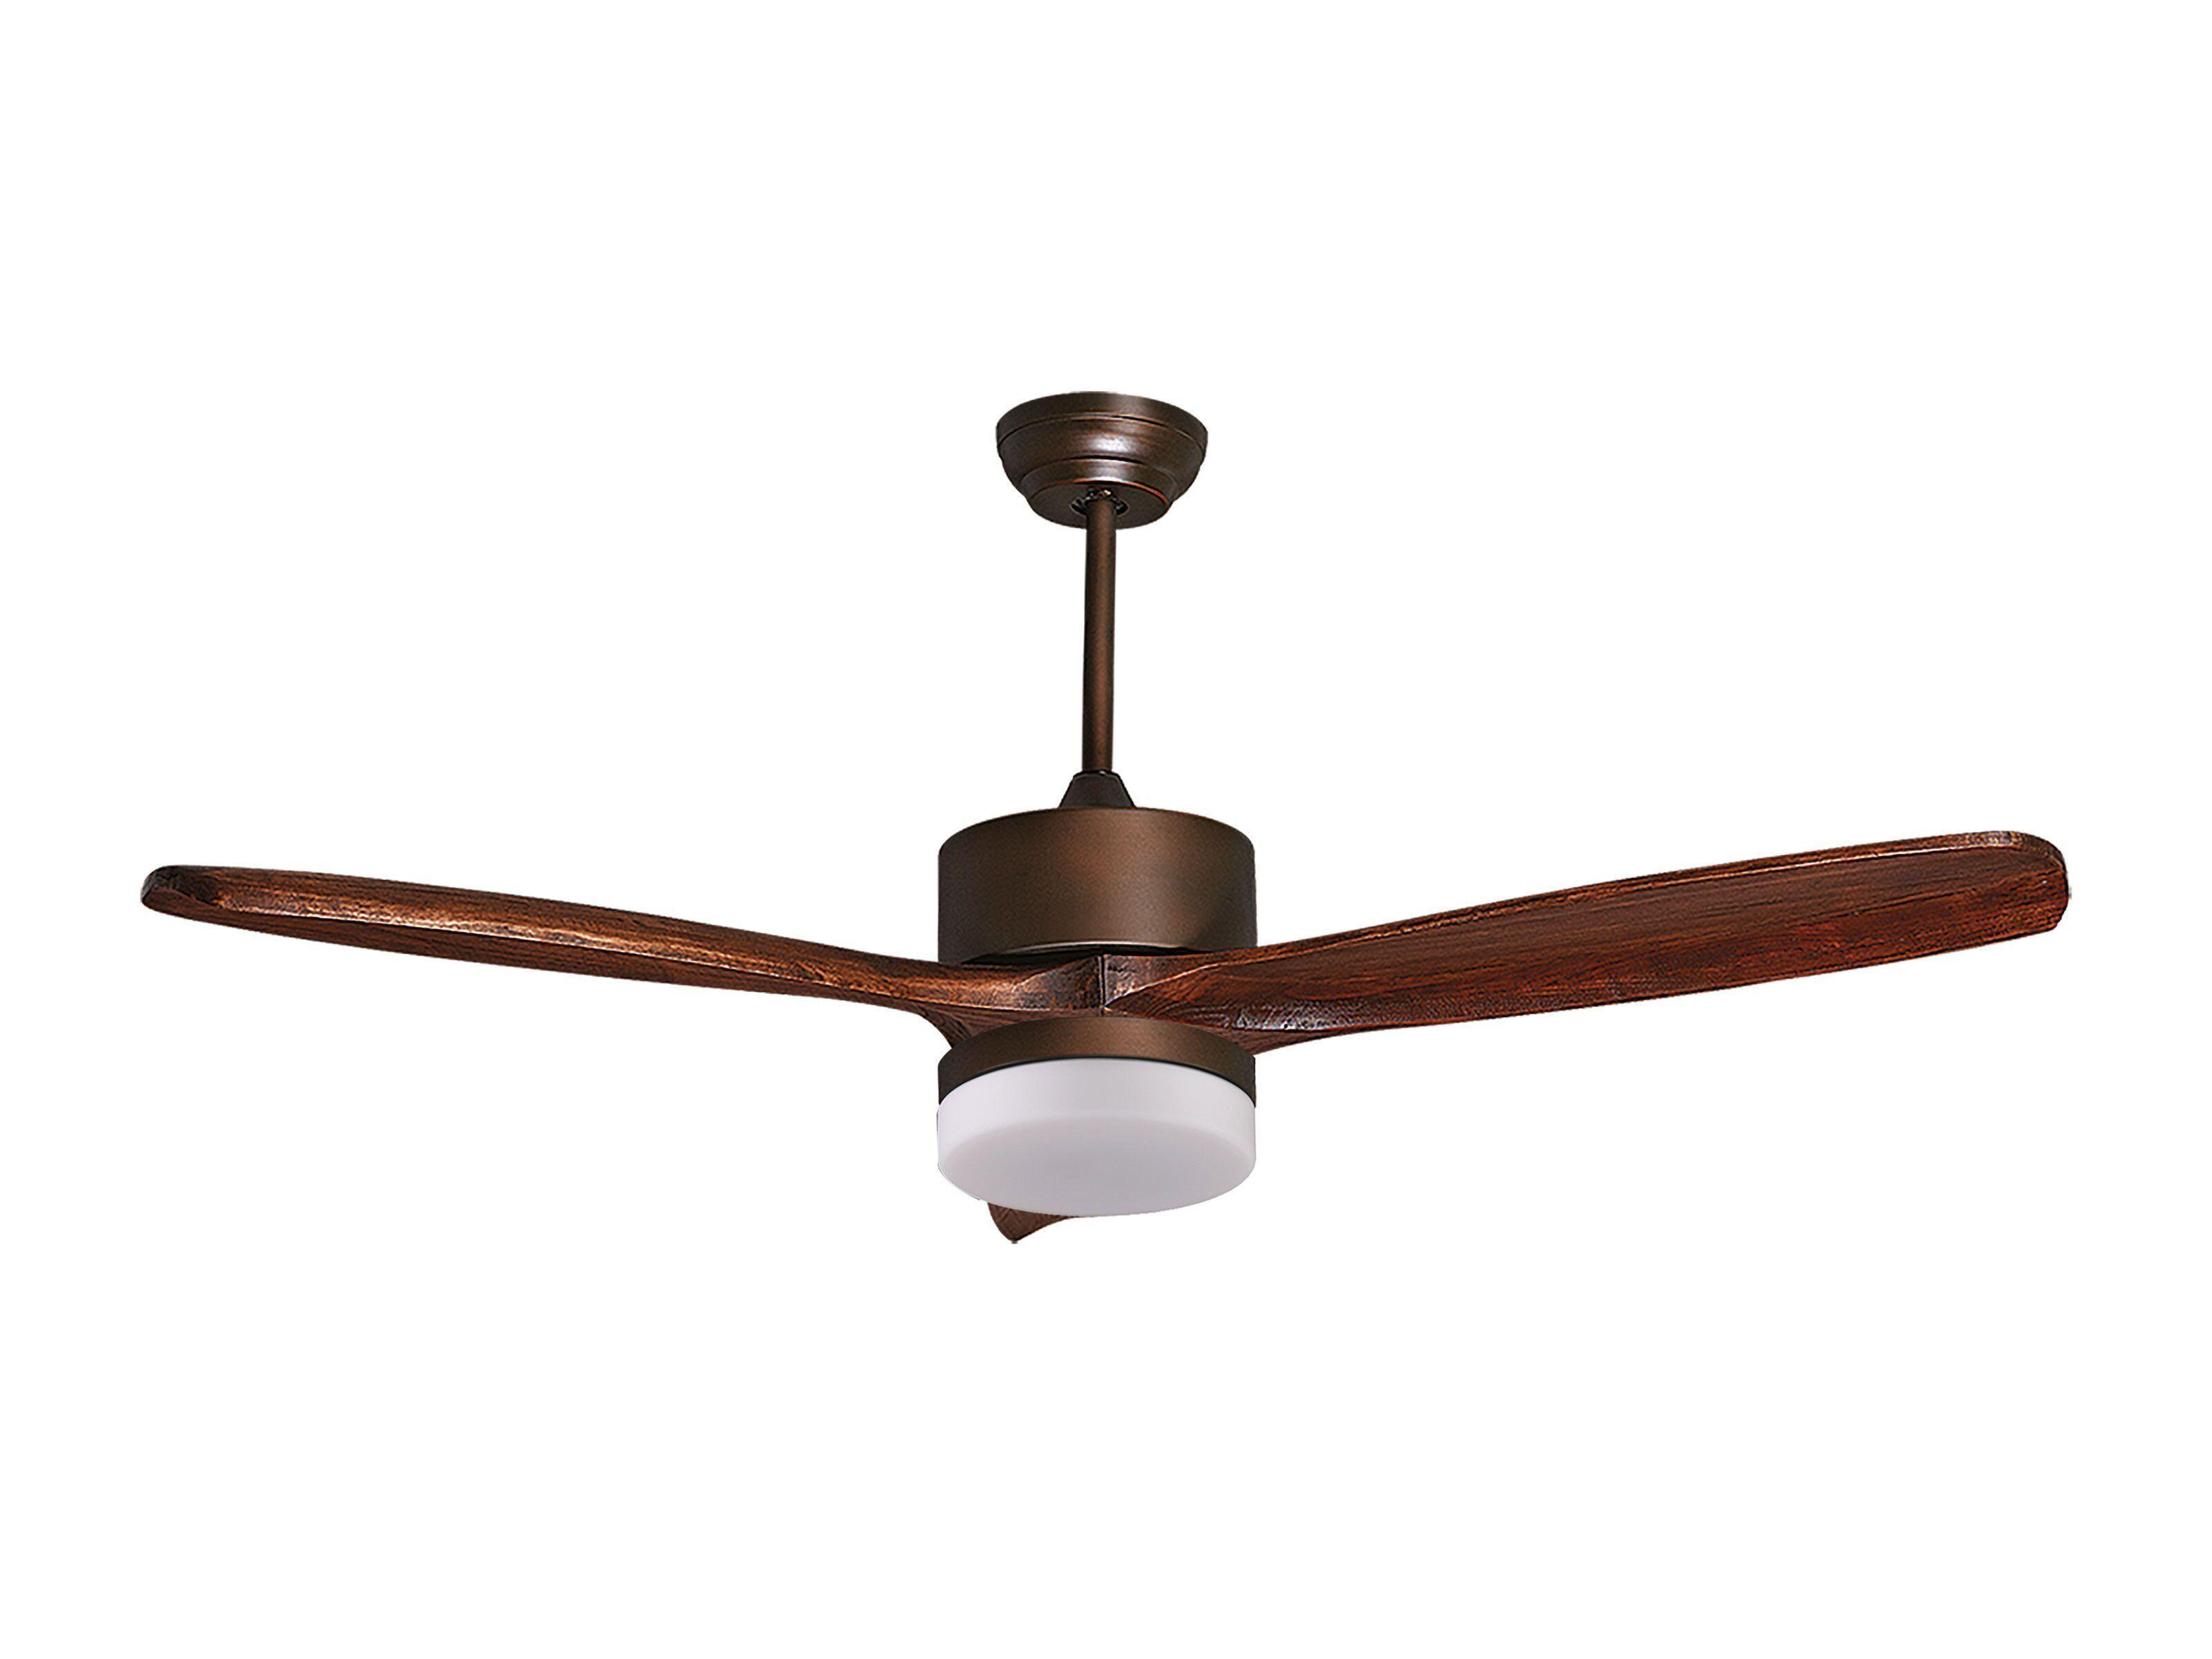 KlassFan Purline by Klassfan, Hegoa DC Light a destratification ceiling fan blades solid wood 51.9in aged copper motor